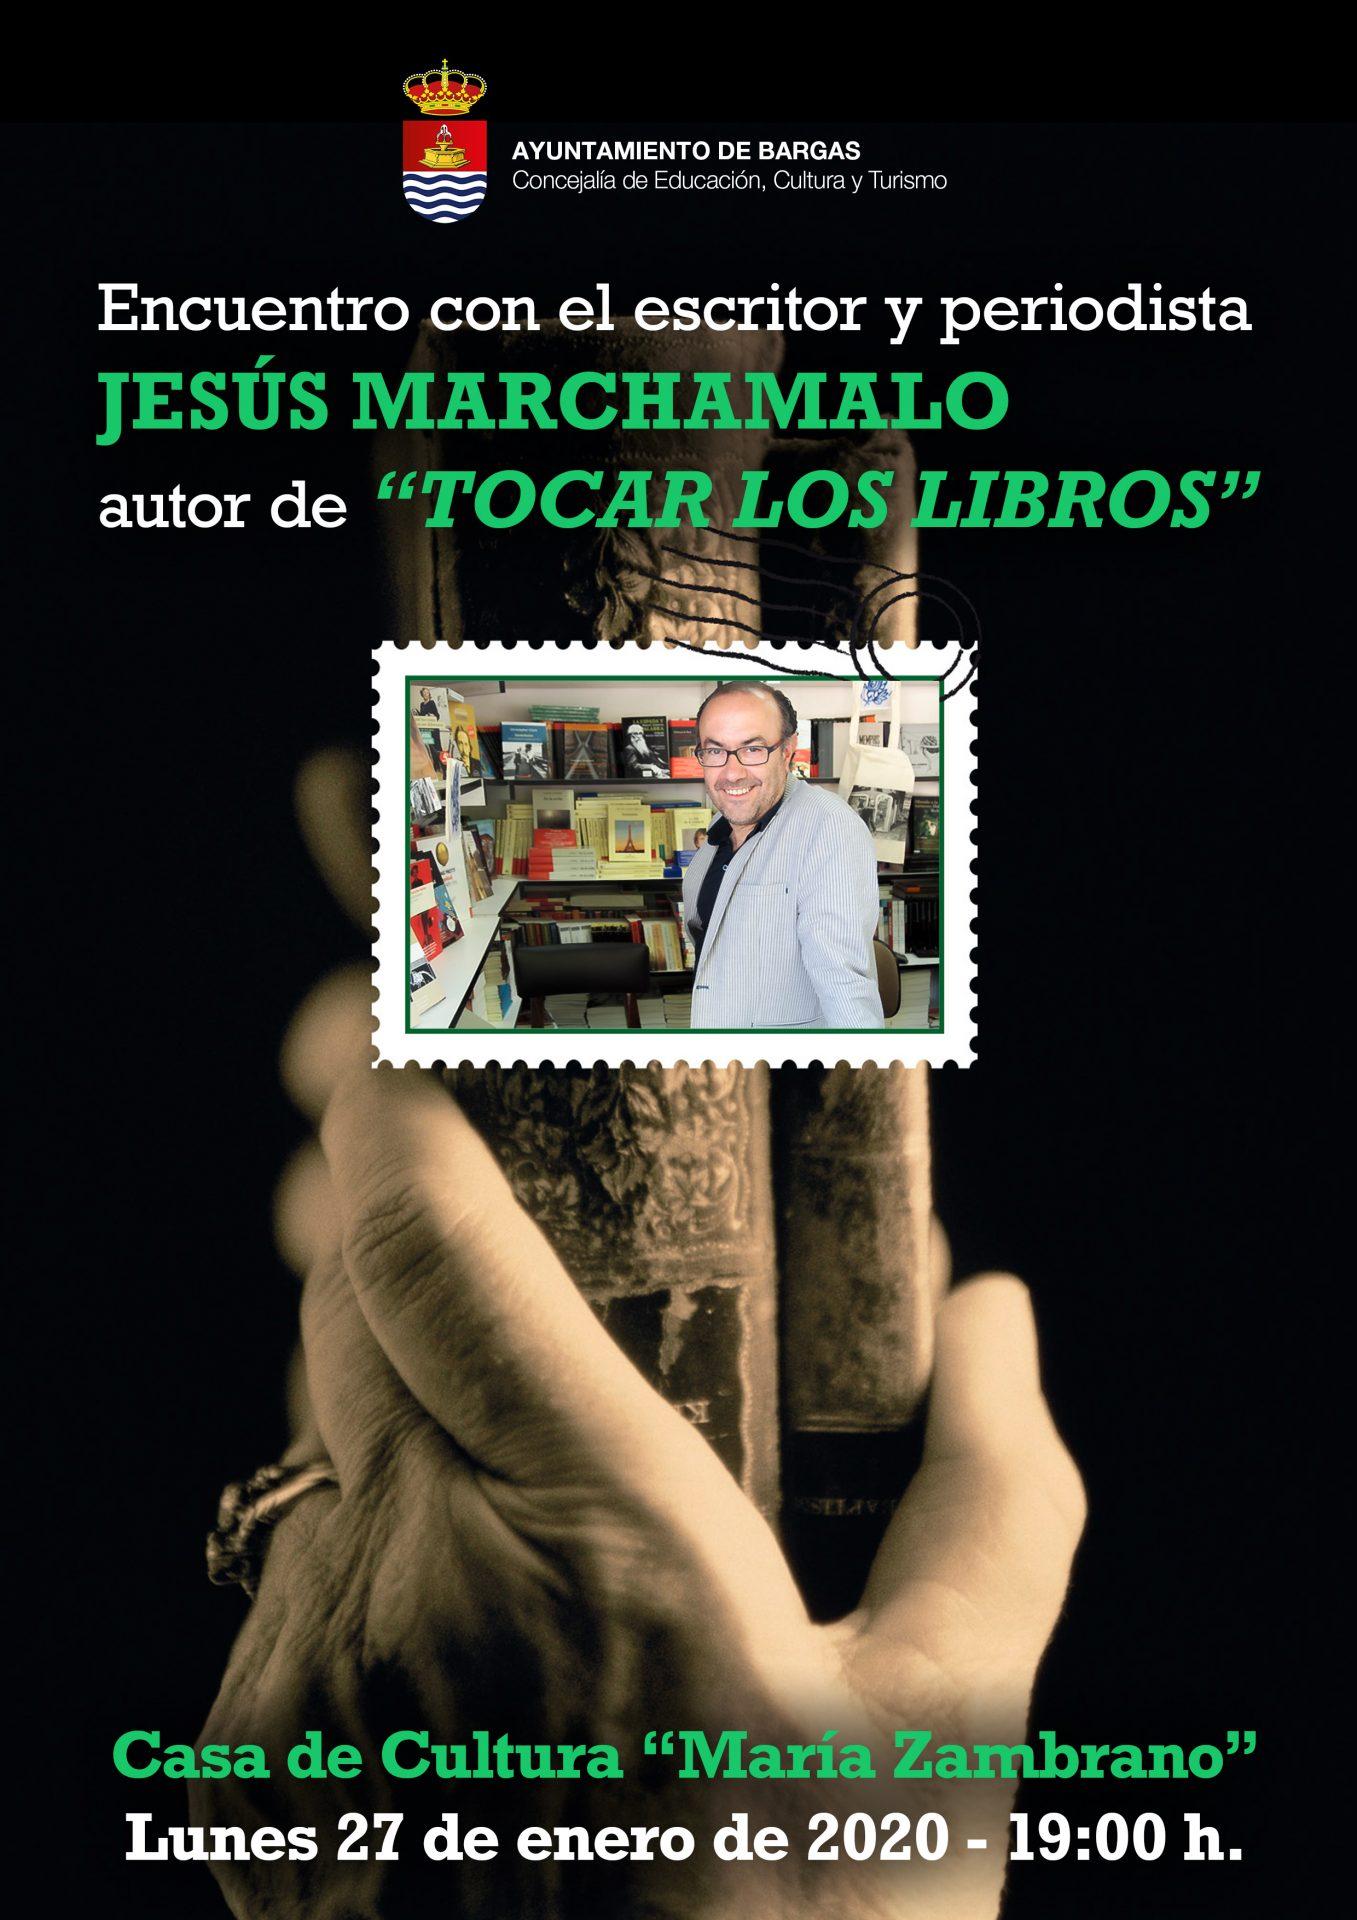 Encuentro con el escritor y periodista: Jesús Marchamalo